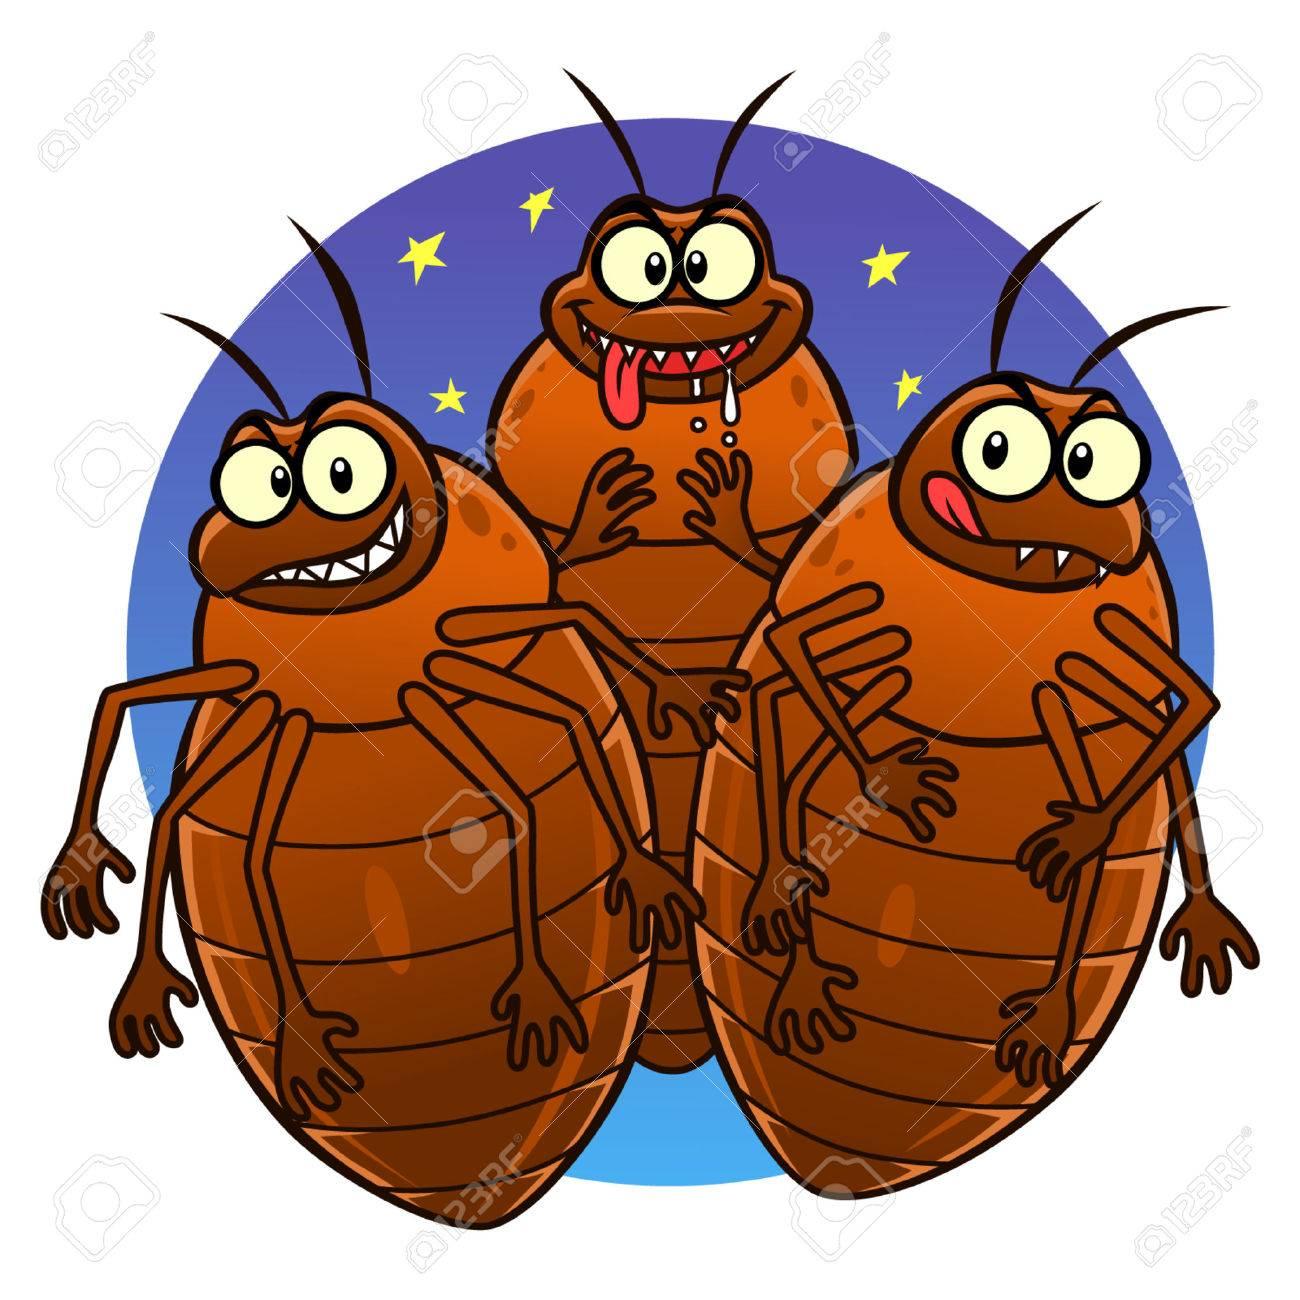 Bedbugs - 39342006